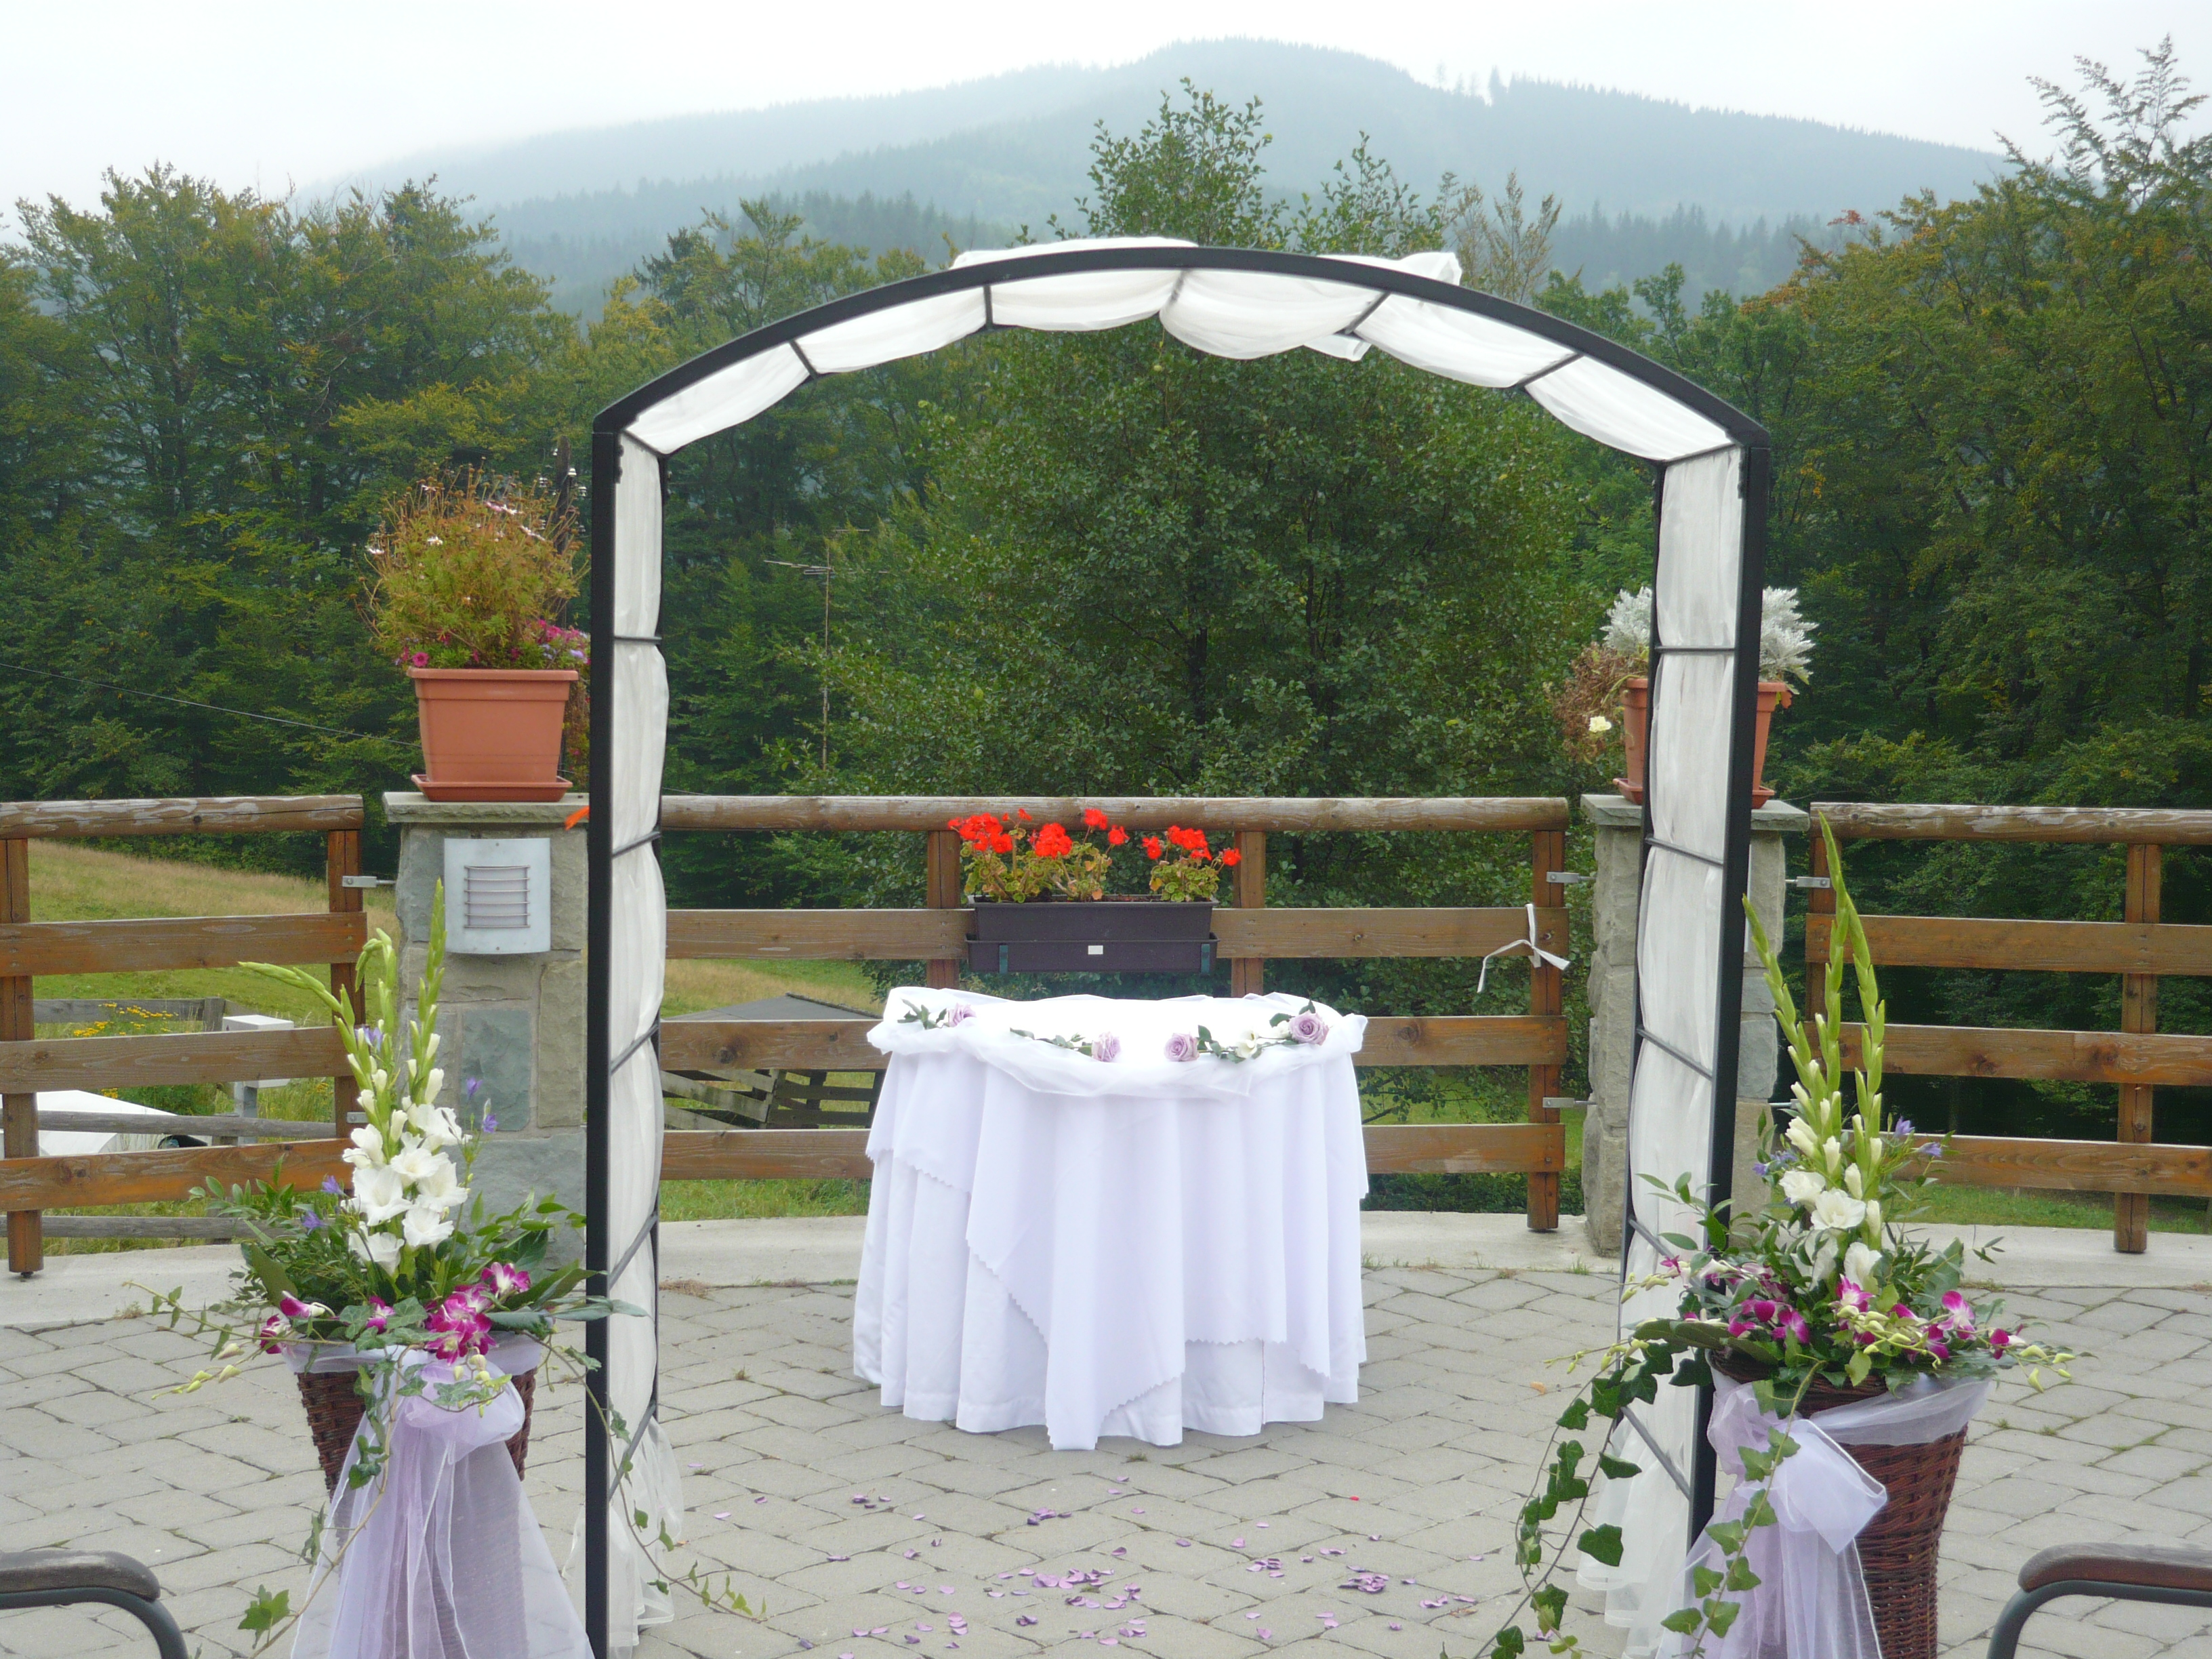 výzdoba ke svatebnímu obřadu venku